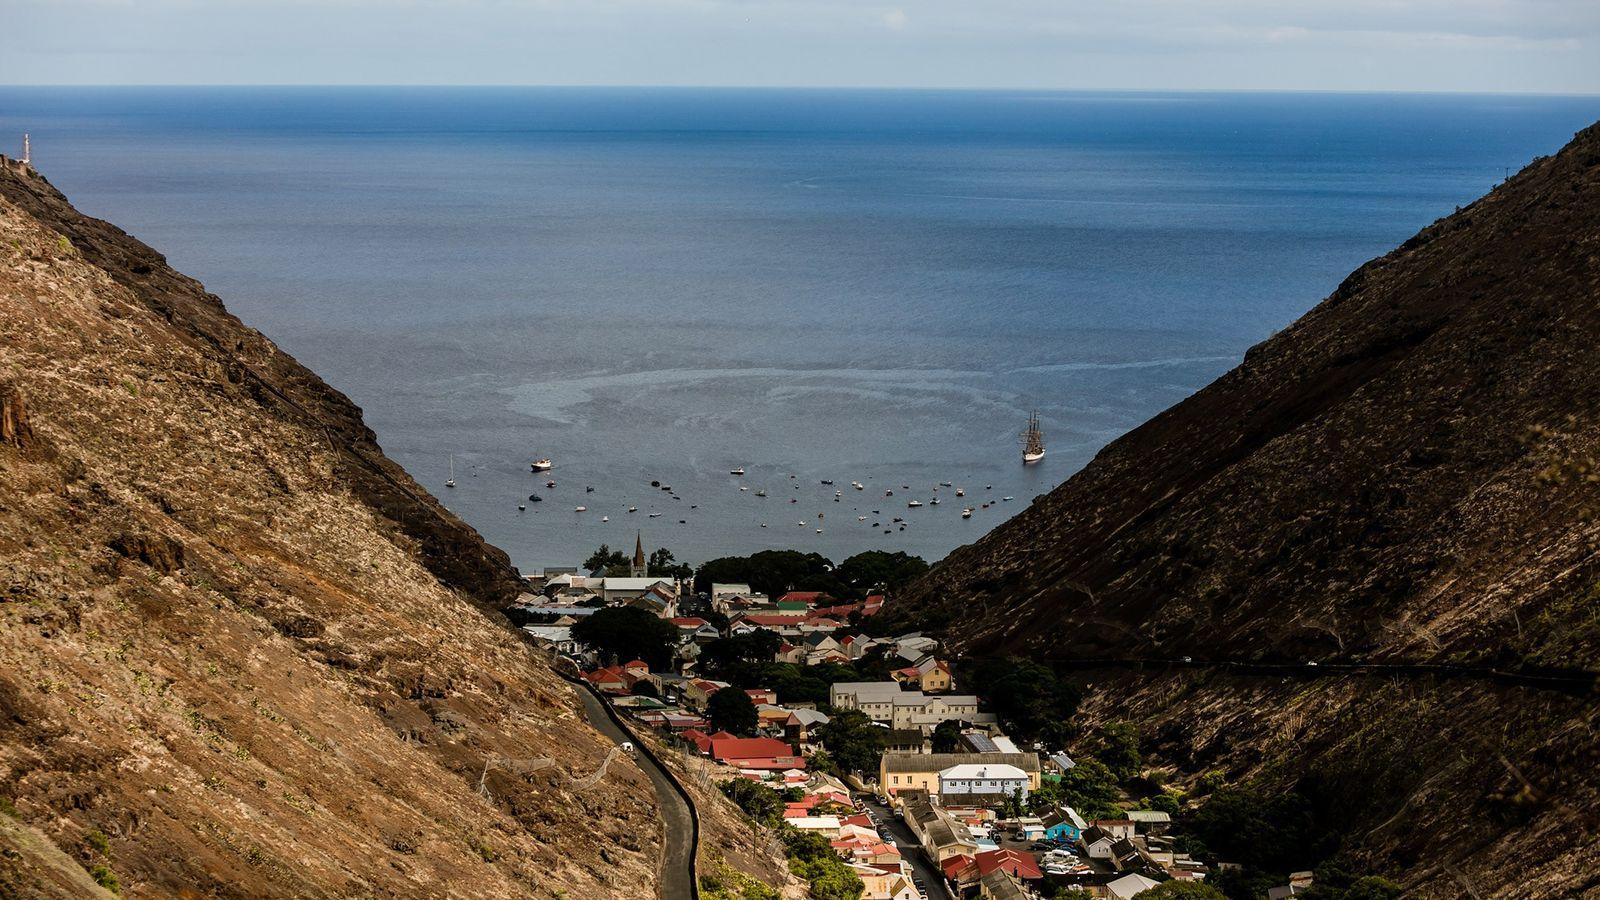 Nichée entre les monts volcaniques, Jamestown est la capitale de Sainte Hélène, une île isolée en ...